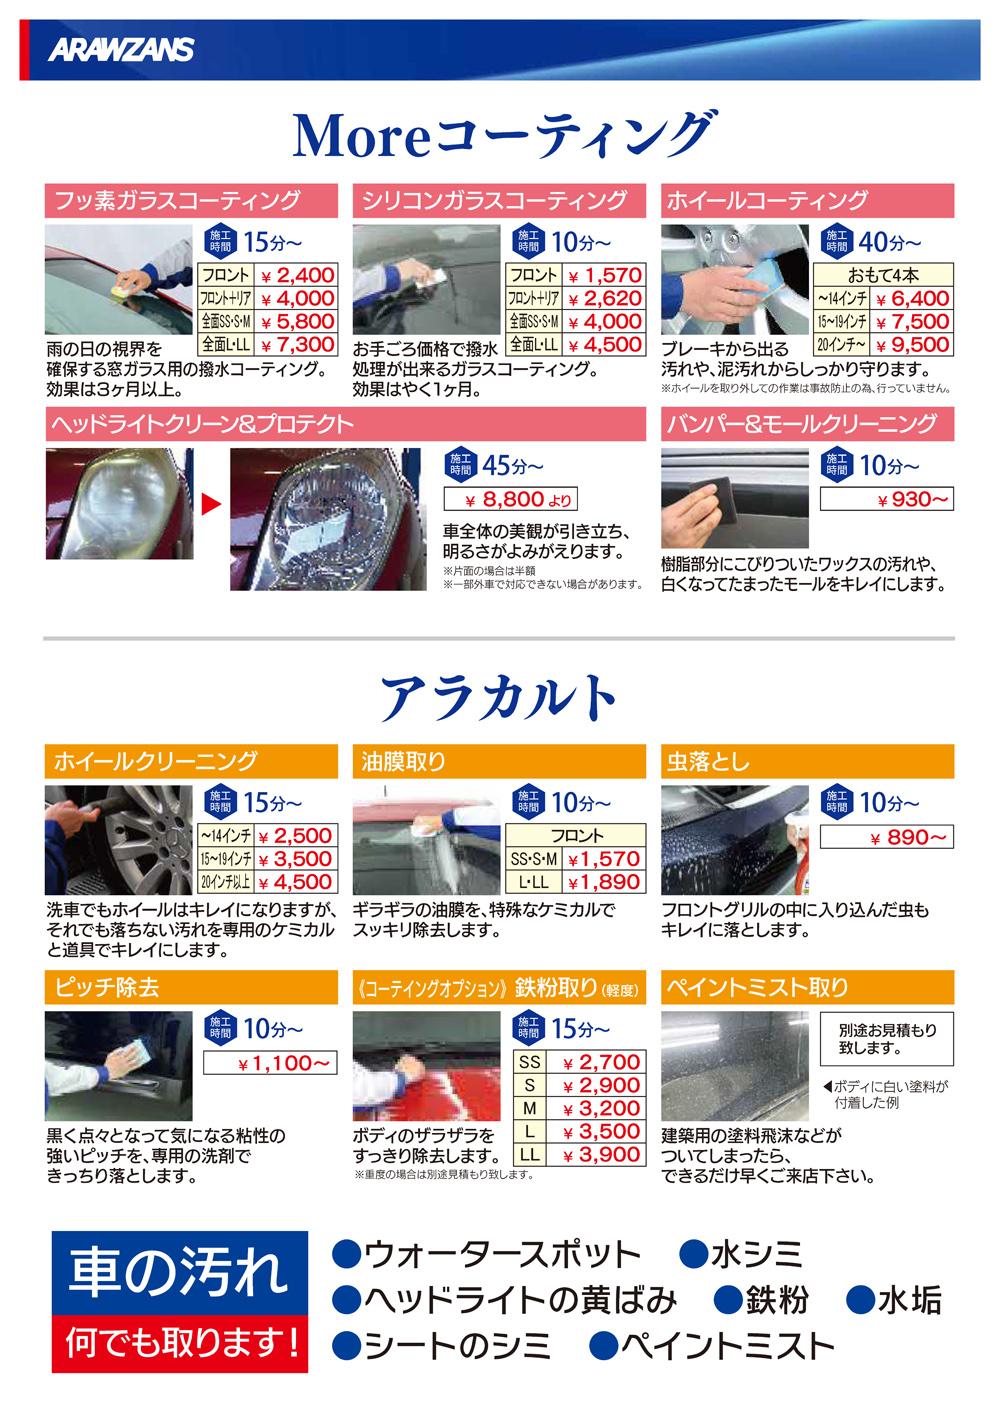 洗車アラカル